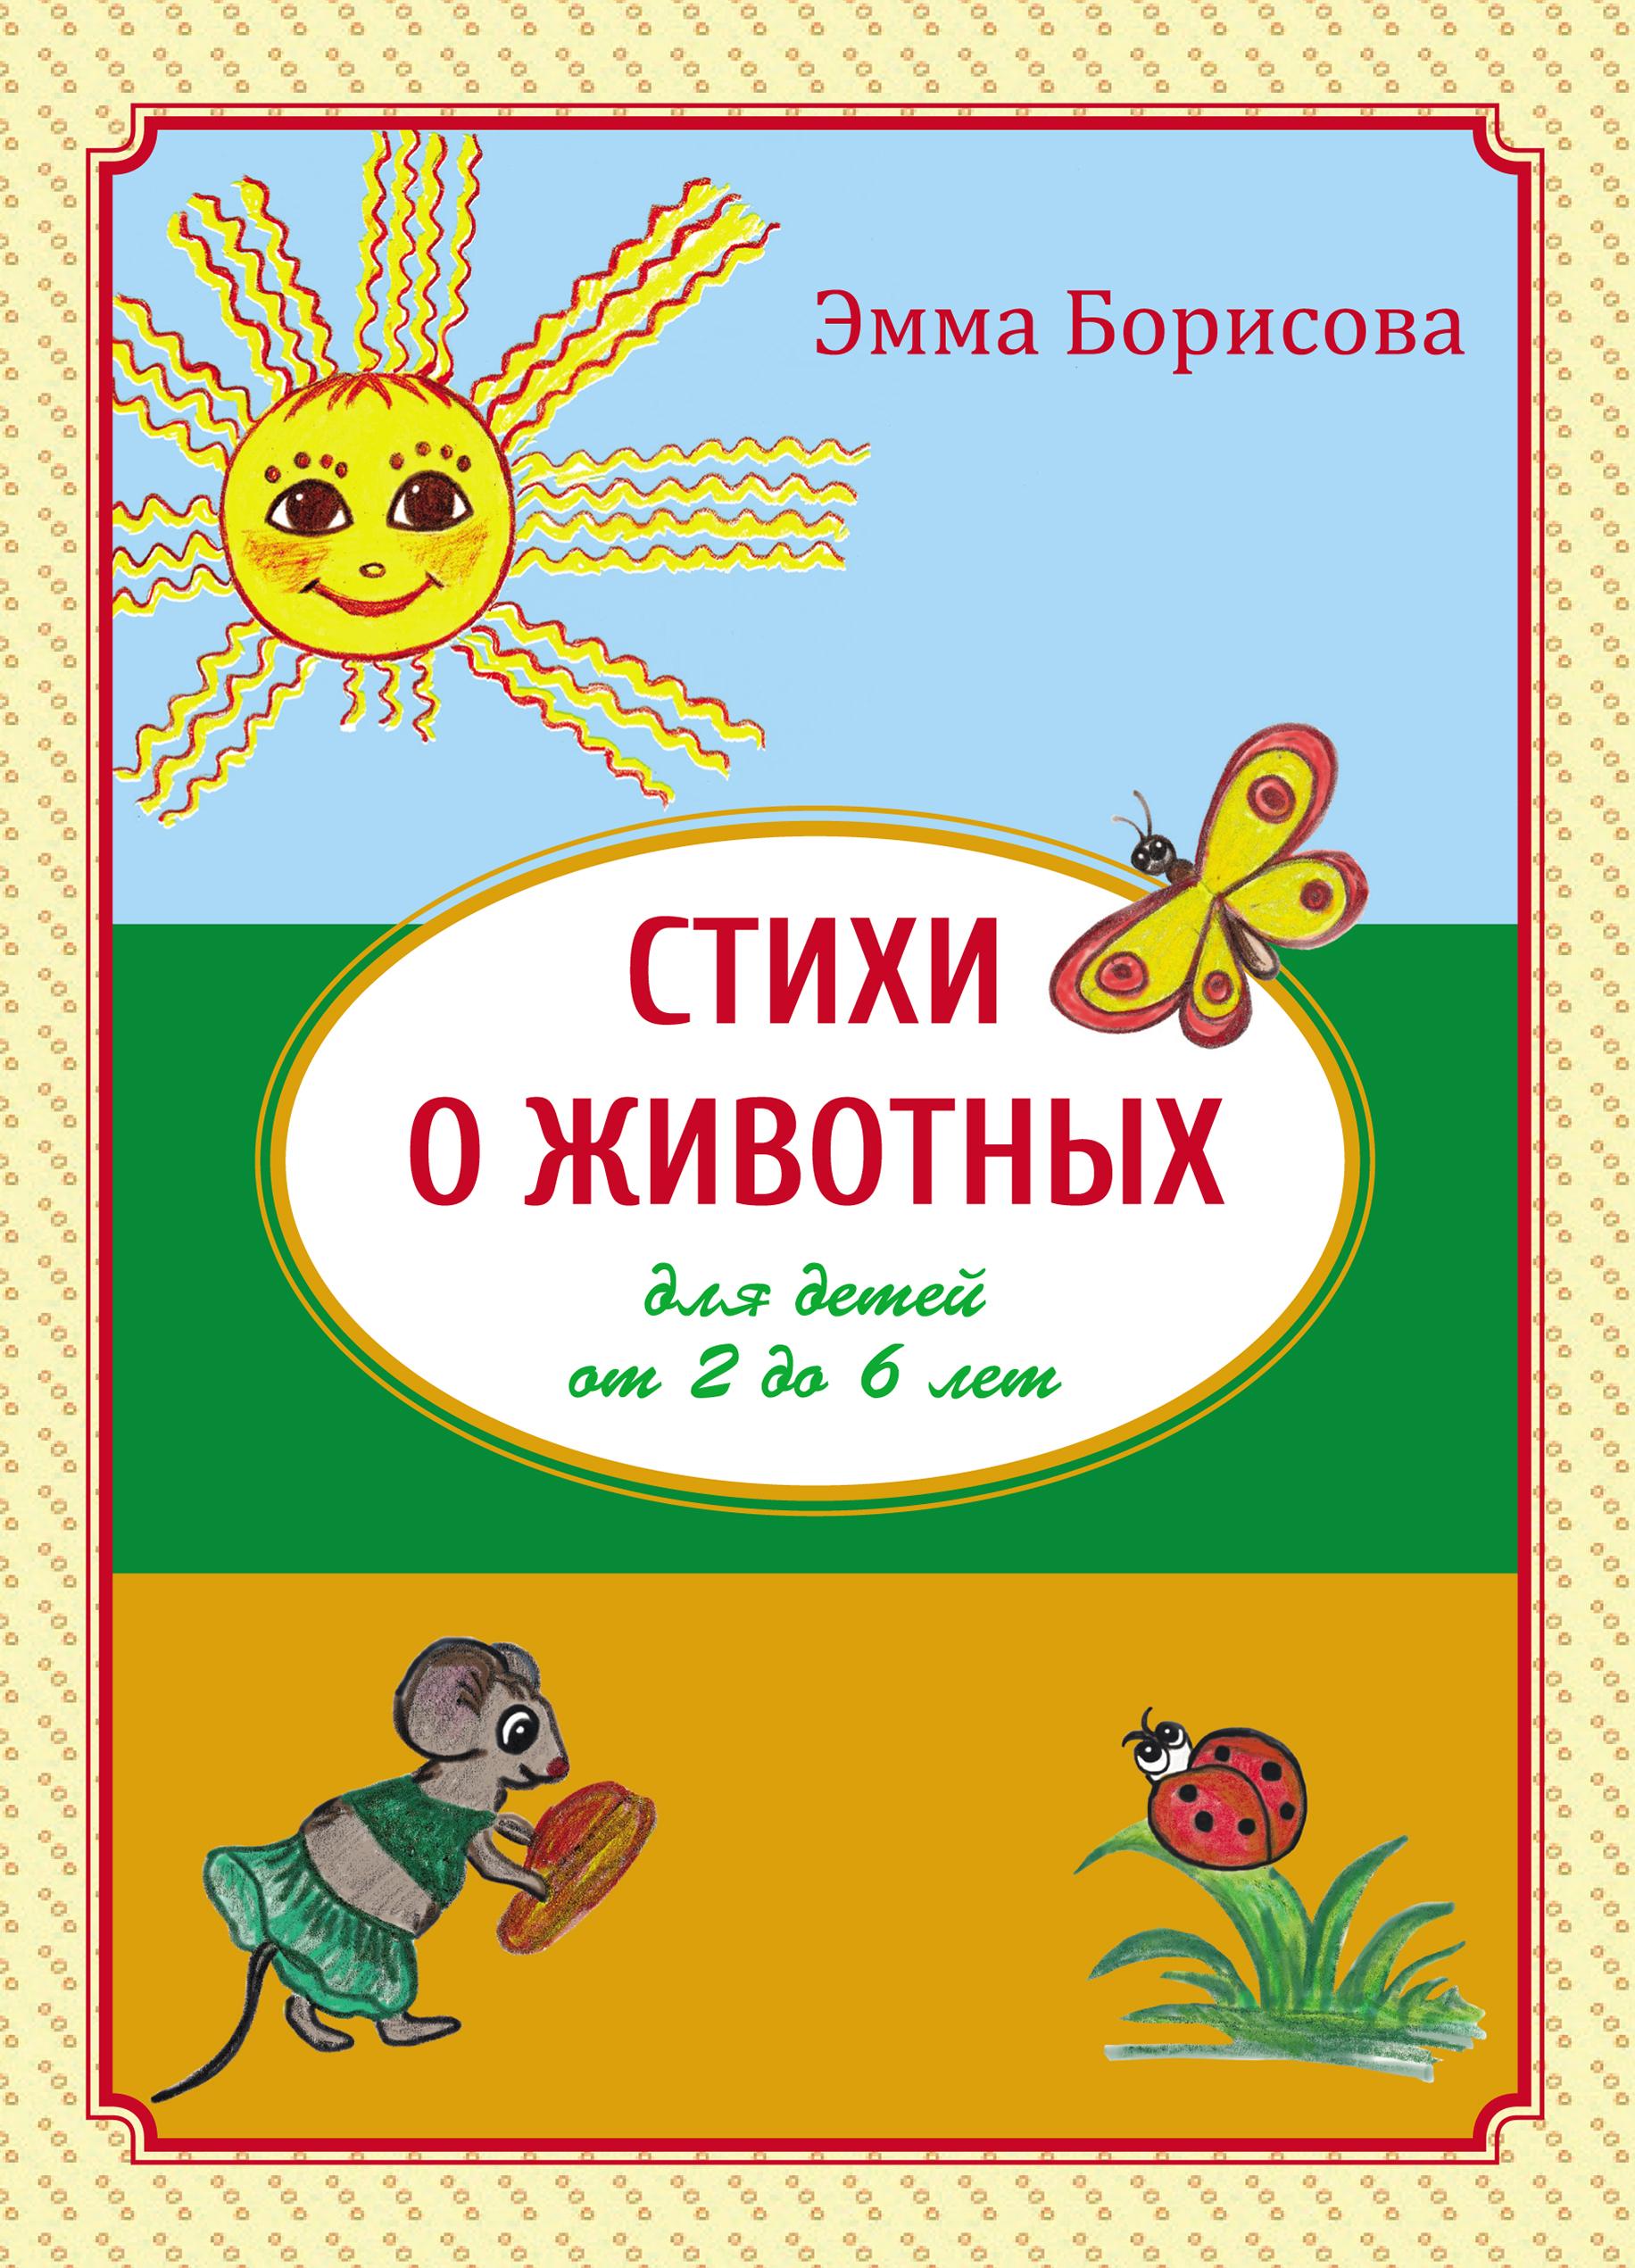 Эмма Борисова Стихи о животных для детей от 2 до 6 лет 200 стихов малышам